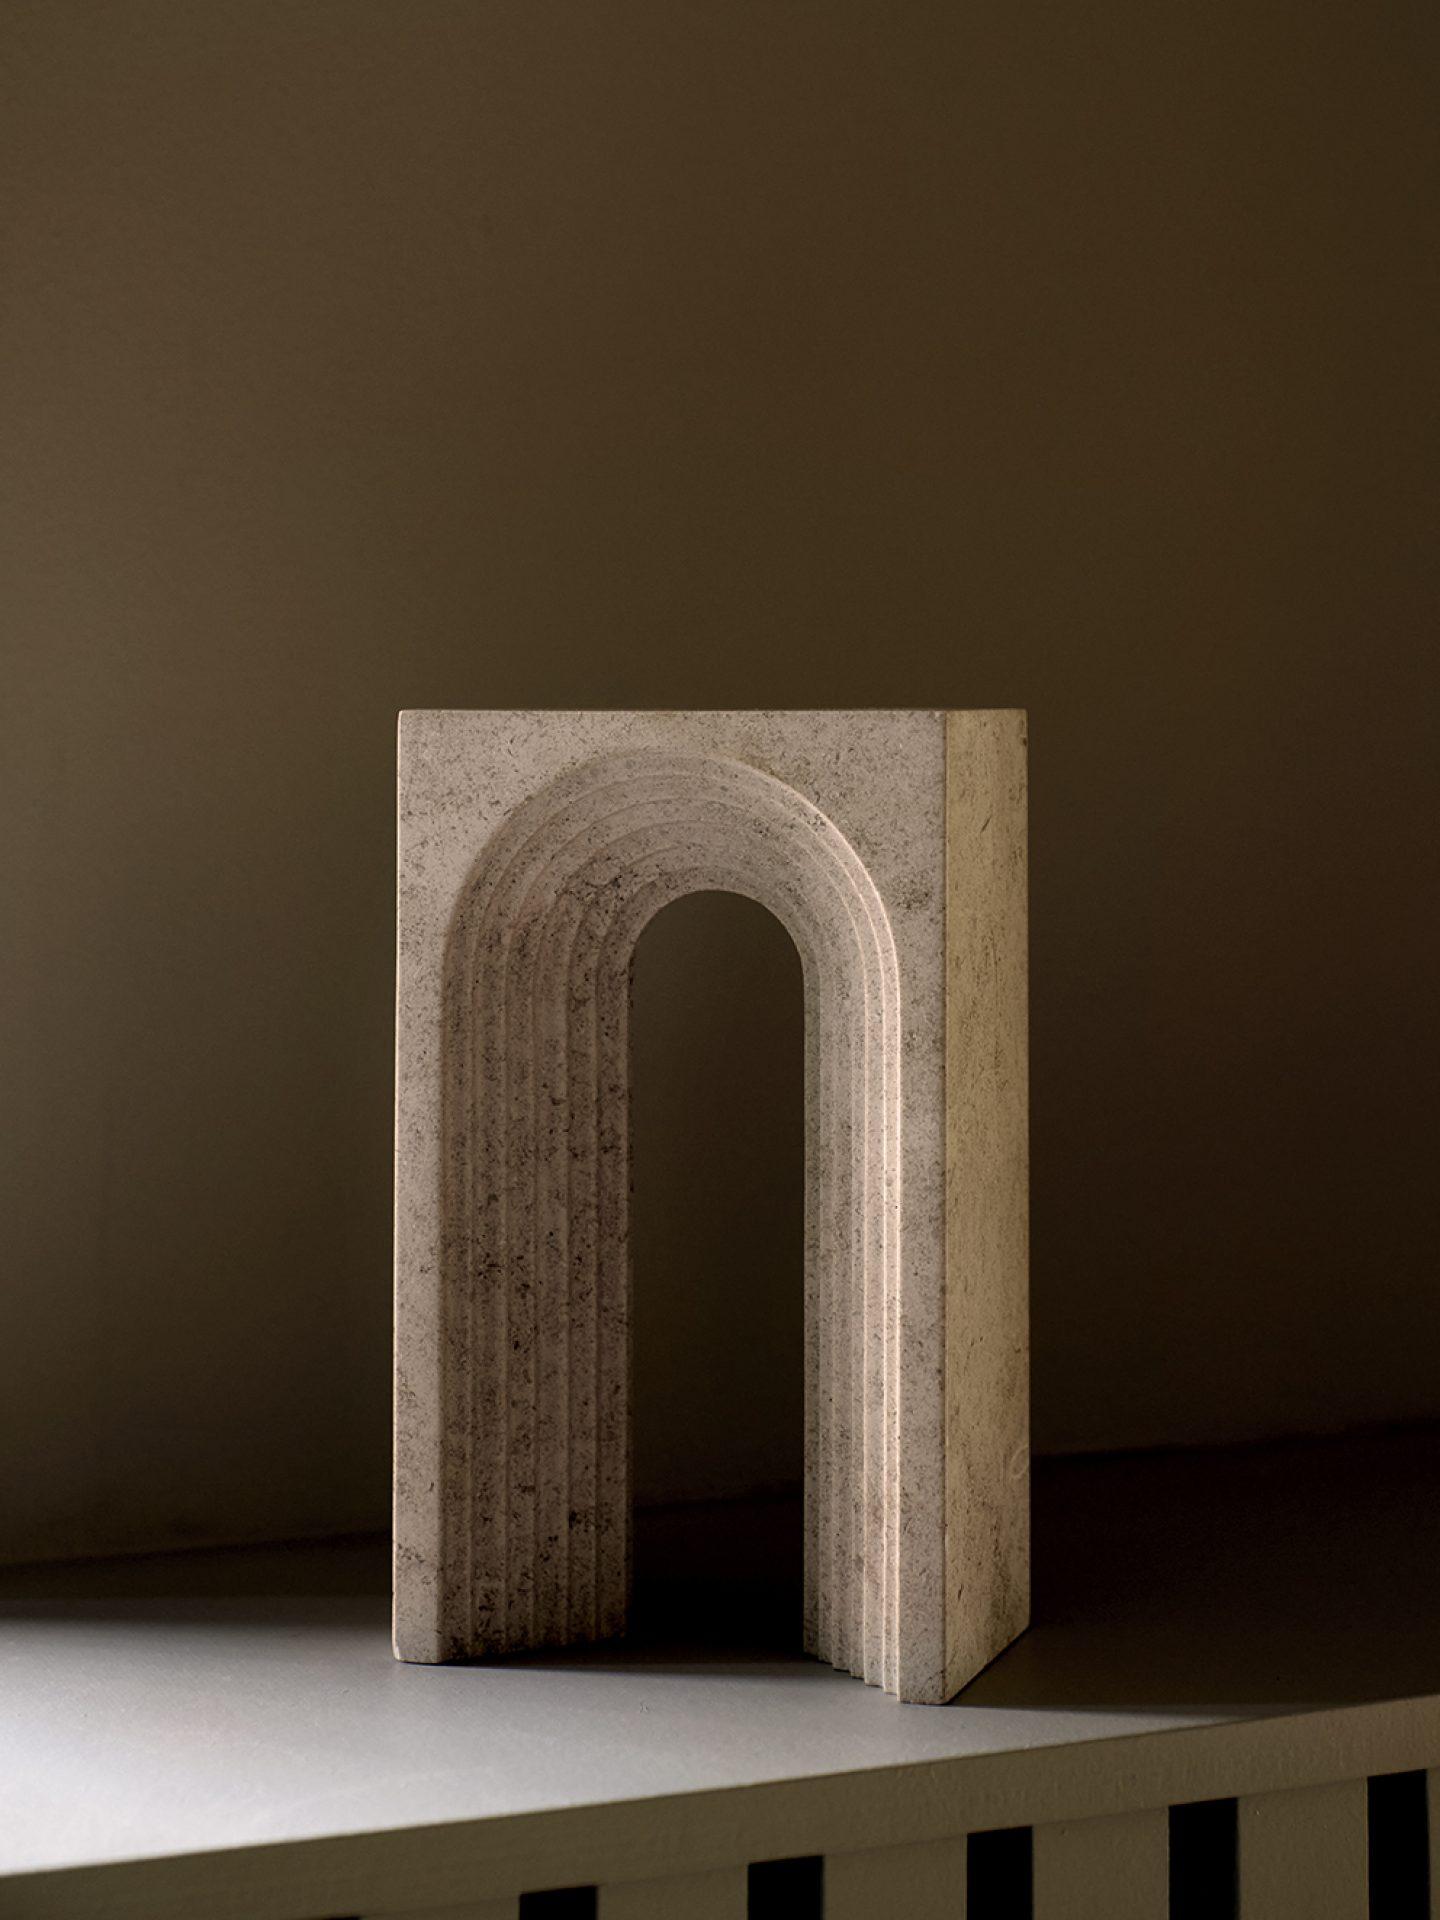 IGNANT-ART-Sculpture-Alium-15